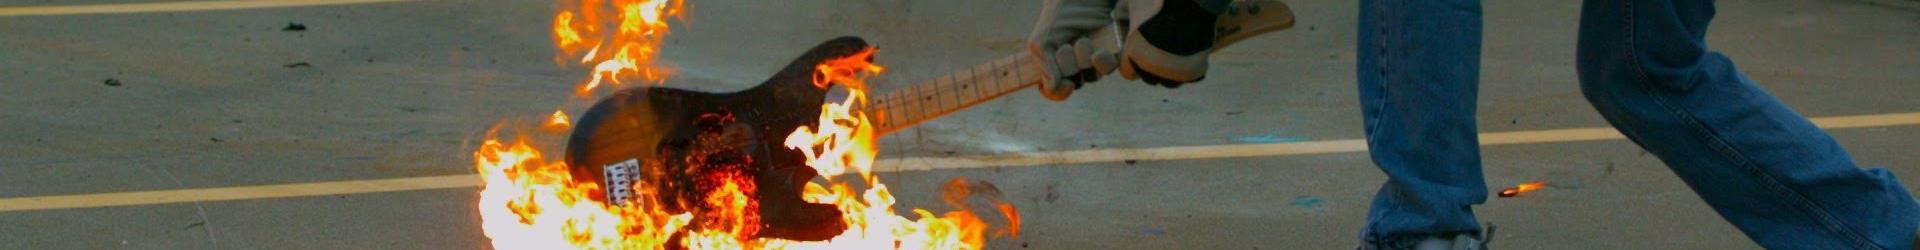 GuitarSmashSlim.jpg